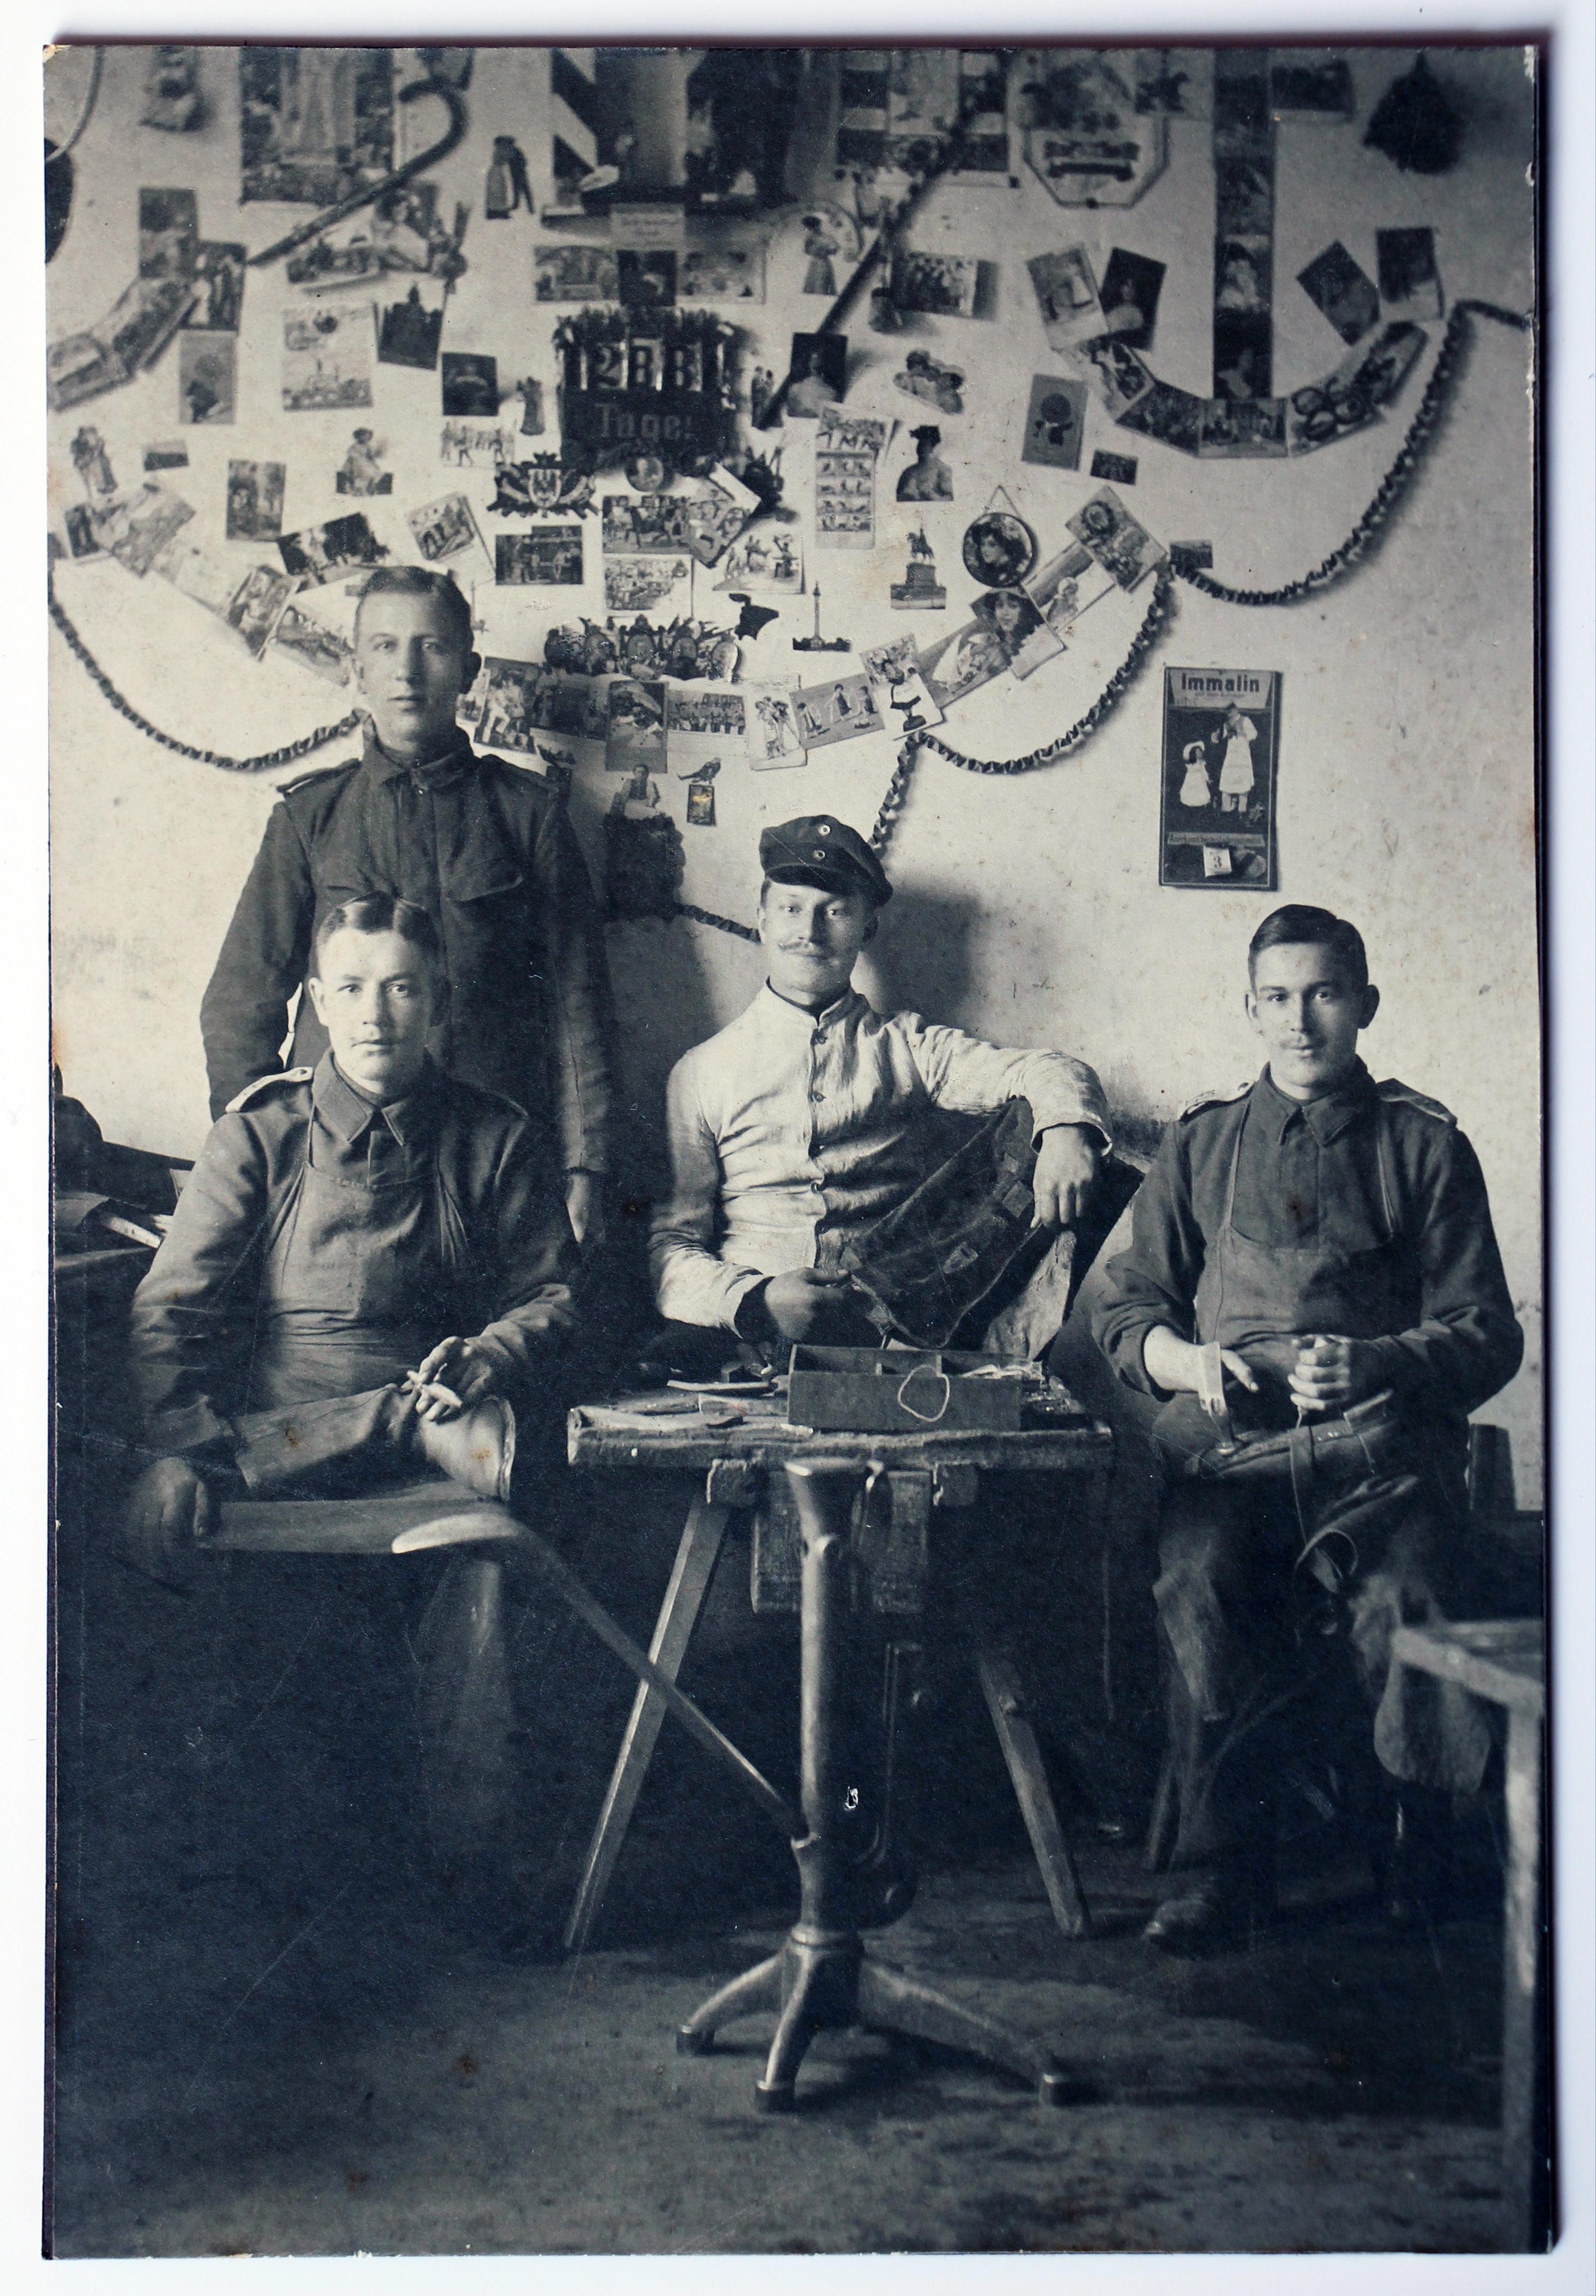 Carte CDV Photo Soldat Allemand Infanterie - Service Militaire - Caserne - 288 Tage - Chambrée - Cordonnier militaire